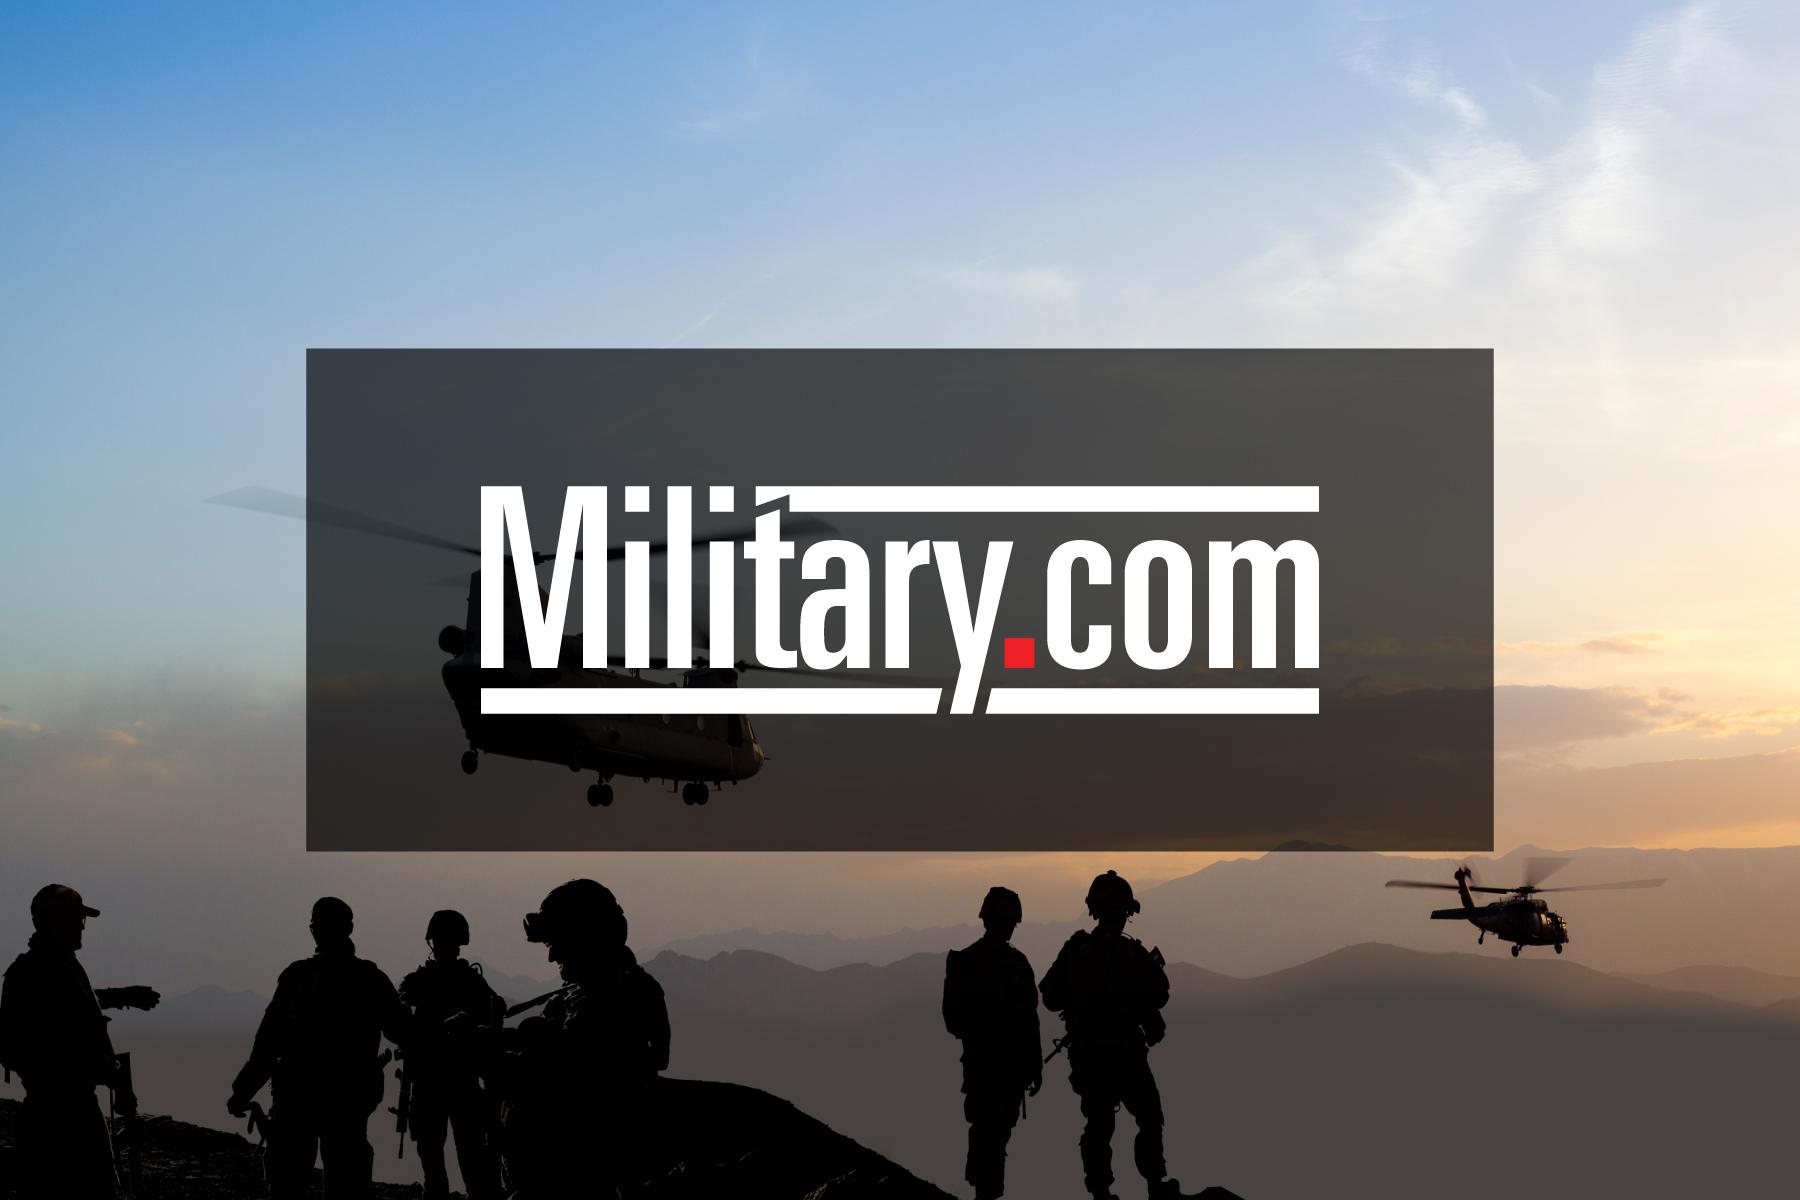 Usna Mascot Bill Xxxv Has Died Military Com